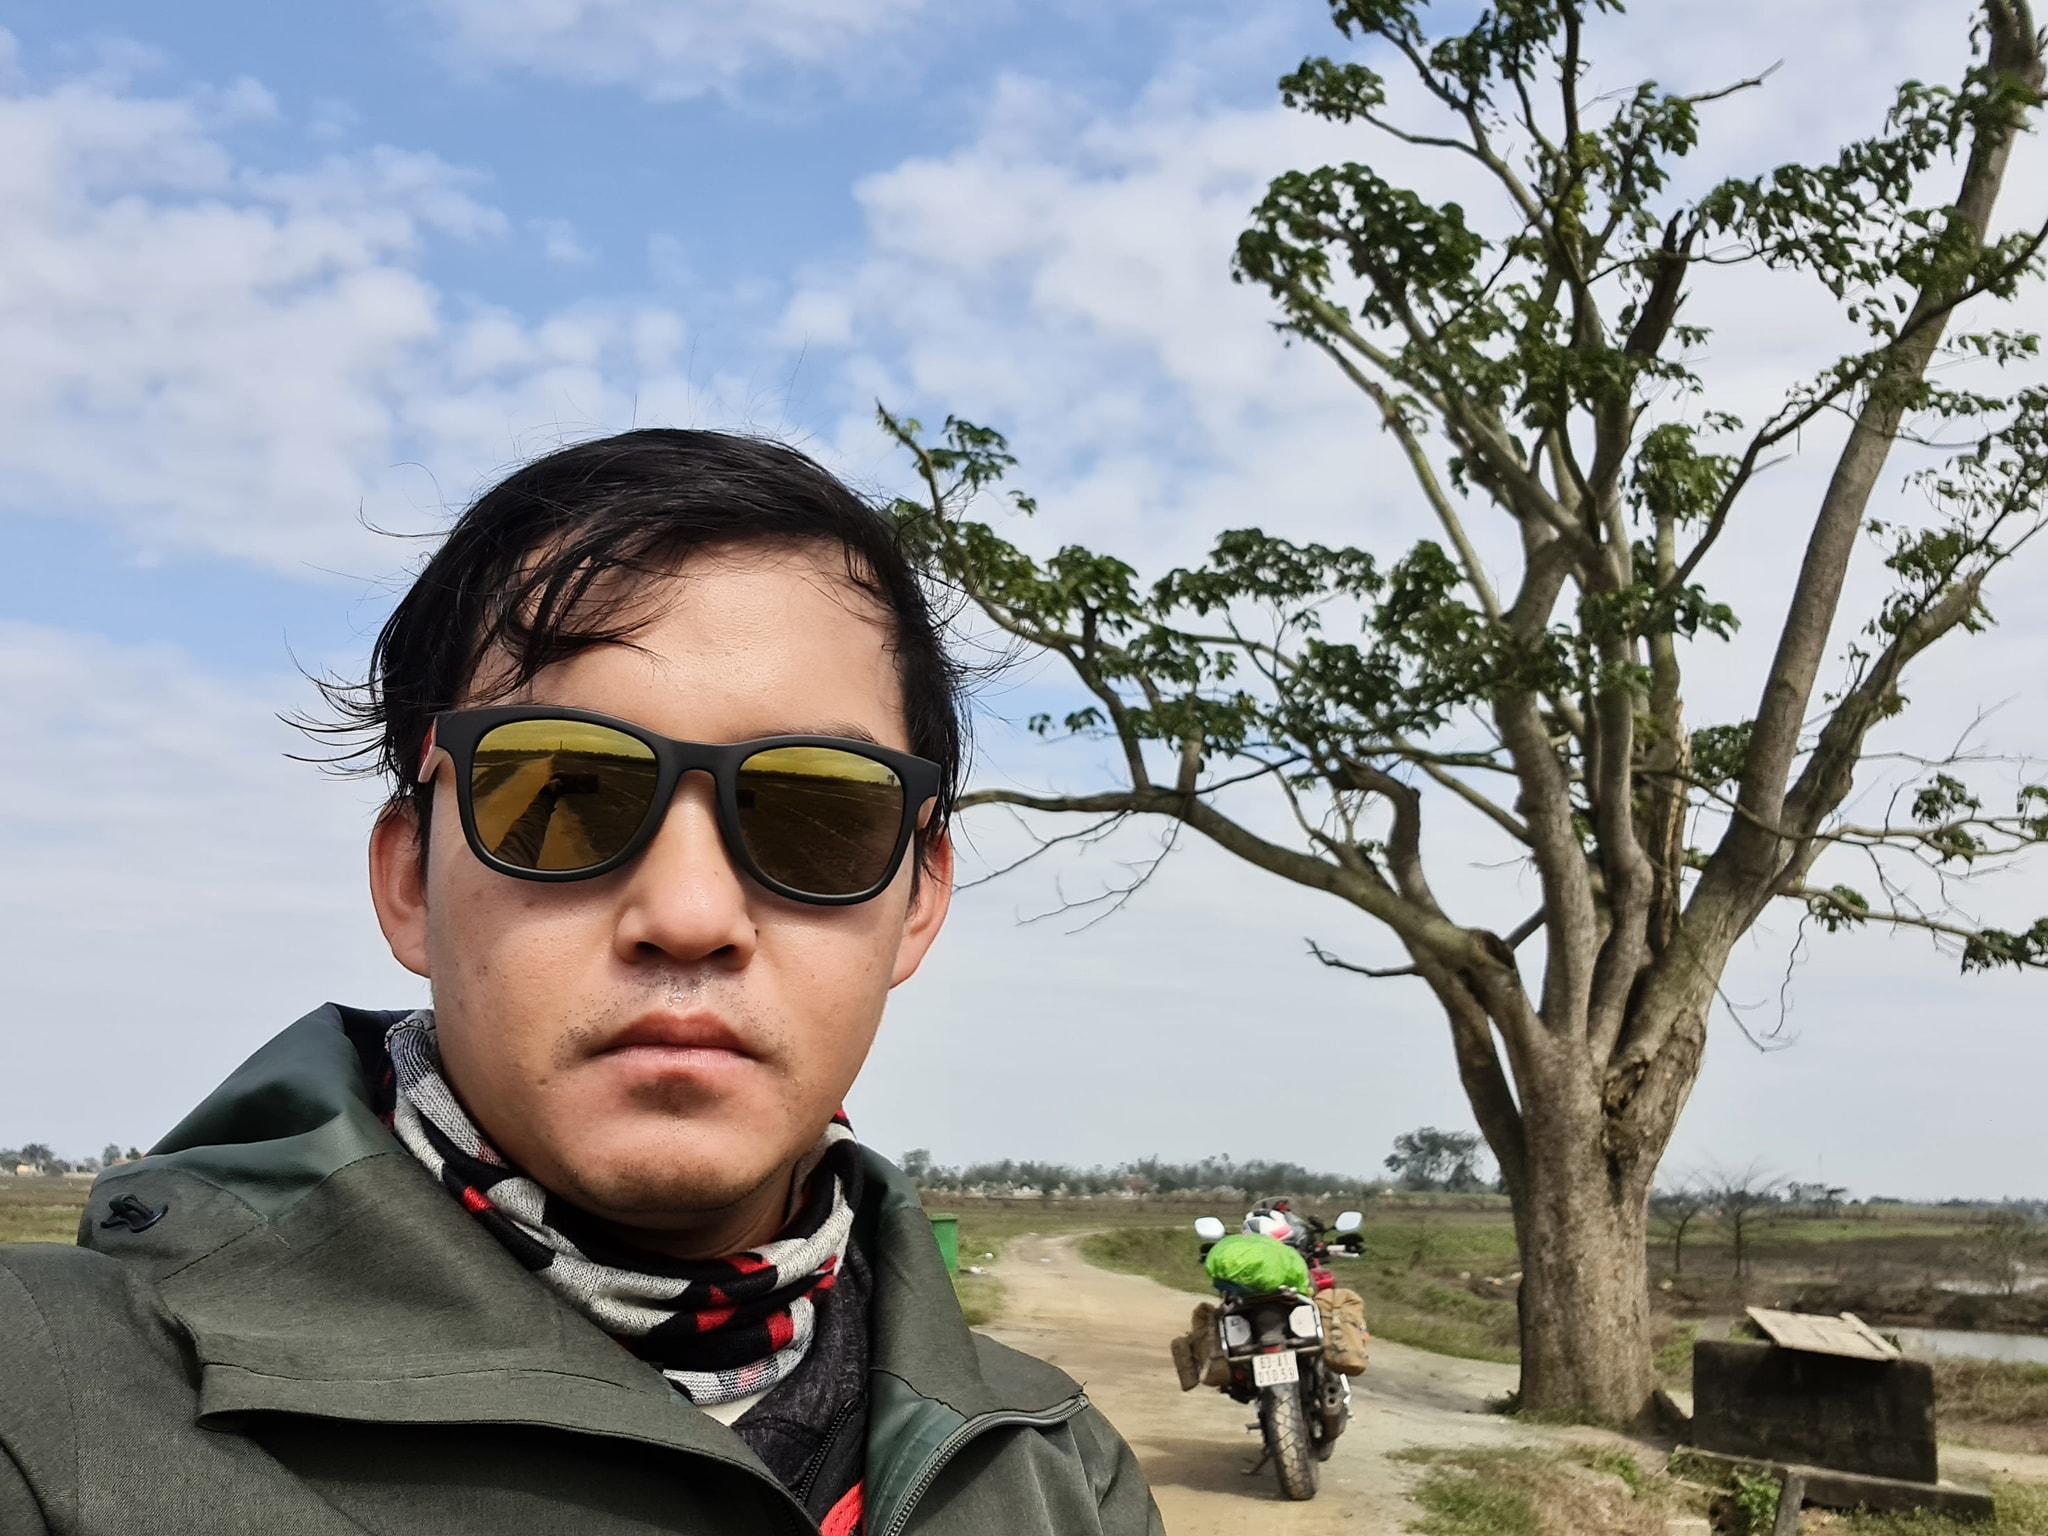 Phượt thủ Trần Đặng Đăng Khoa thực hiện chuyến xuyên Việt đến cây ngô đồng (Mắt Biếc), màn tạo dáng 'cute đến xỉu' 5